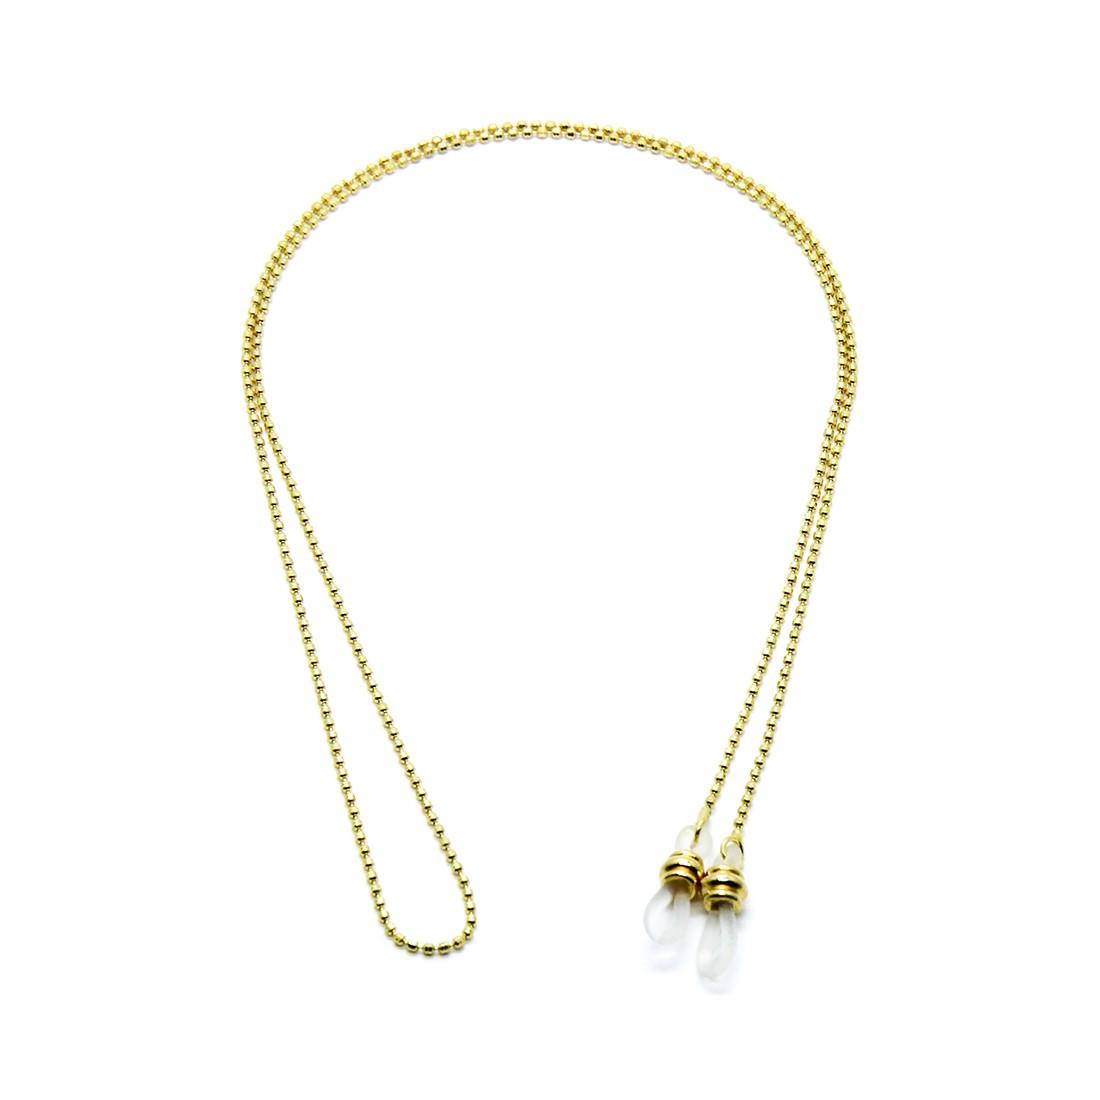 Corrente Especial 5058 1.5 62cm Cor Ouro